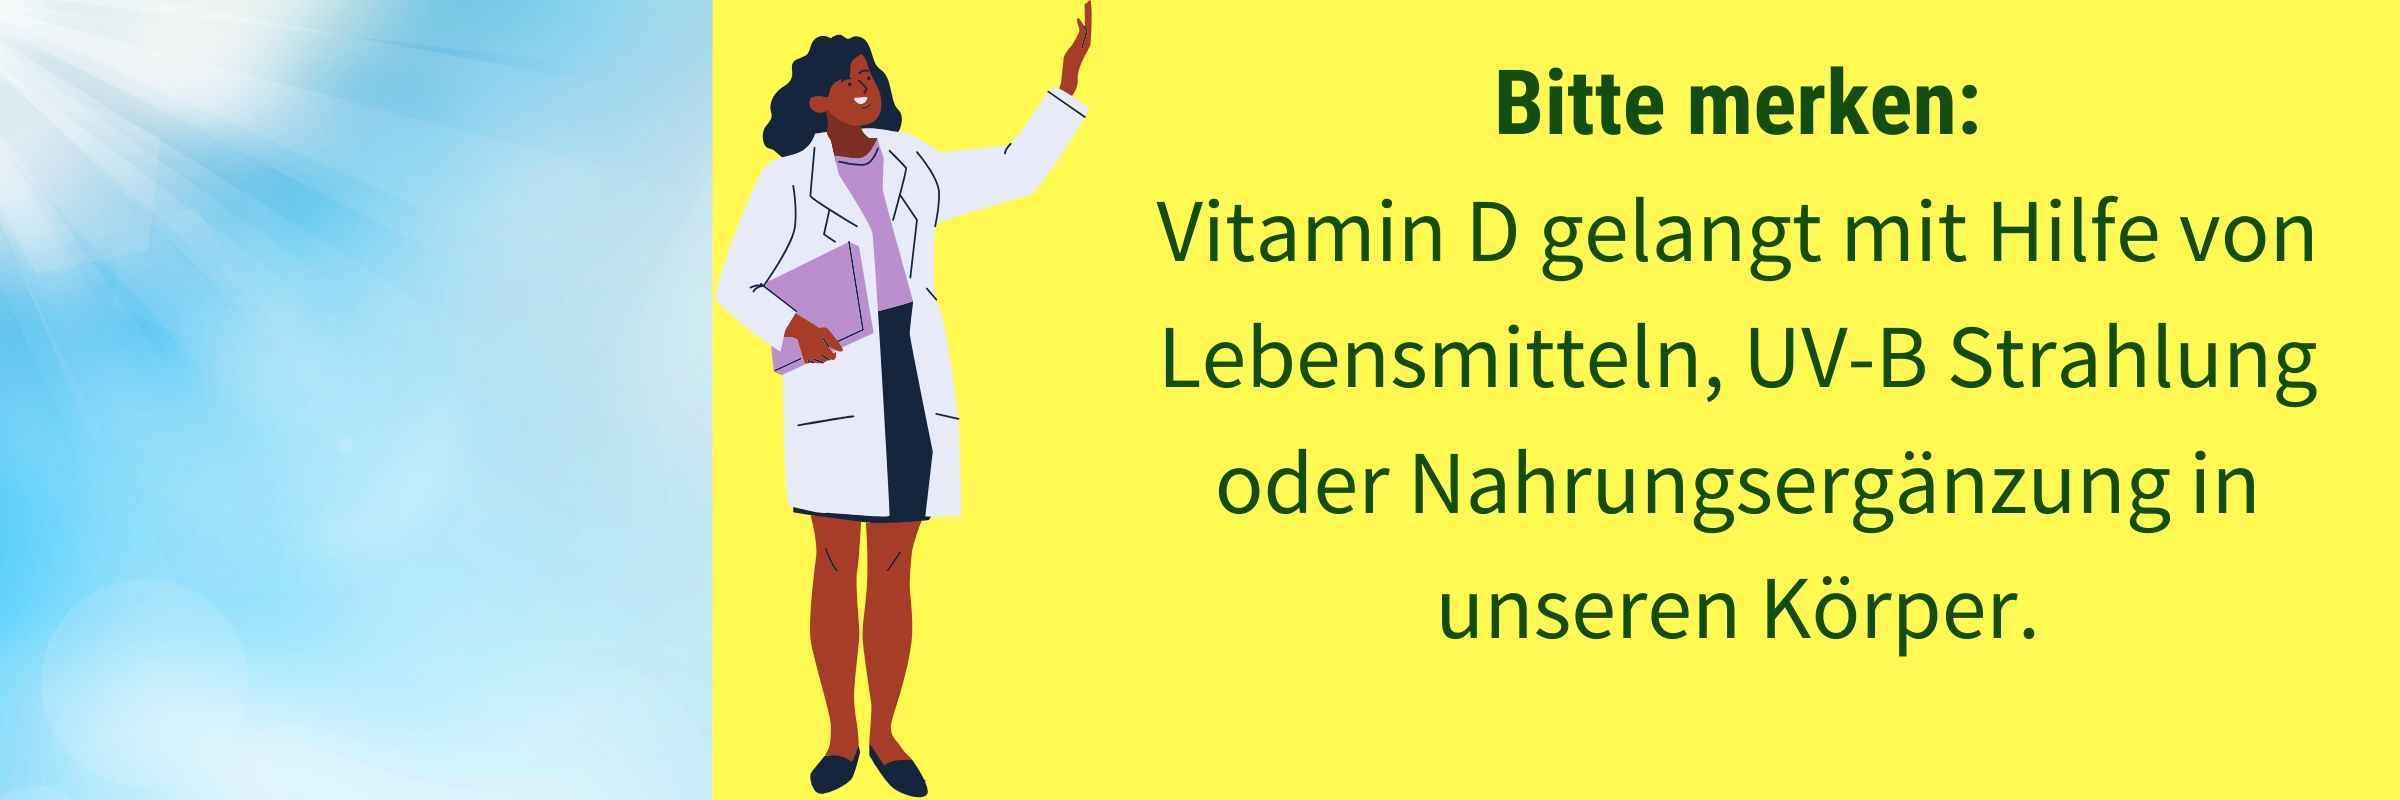 Vitamin D durch Lebensmittel UVB oder Nahrungsergaenzung